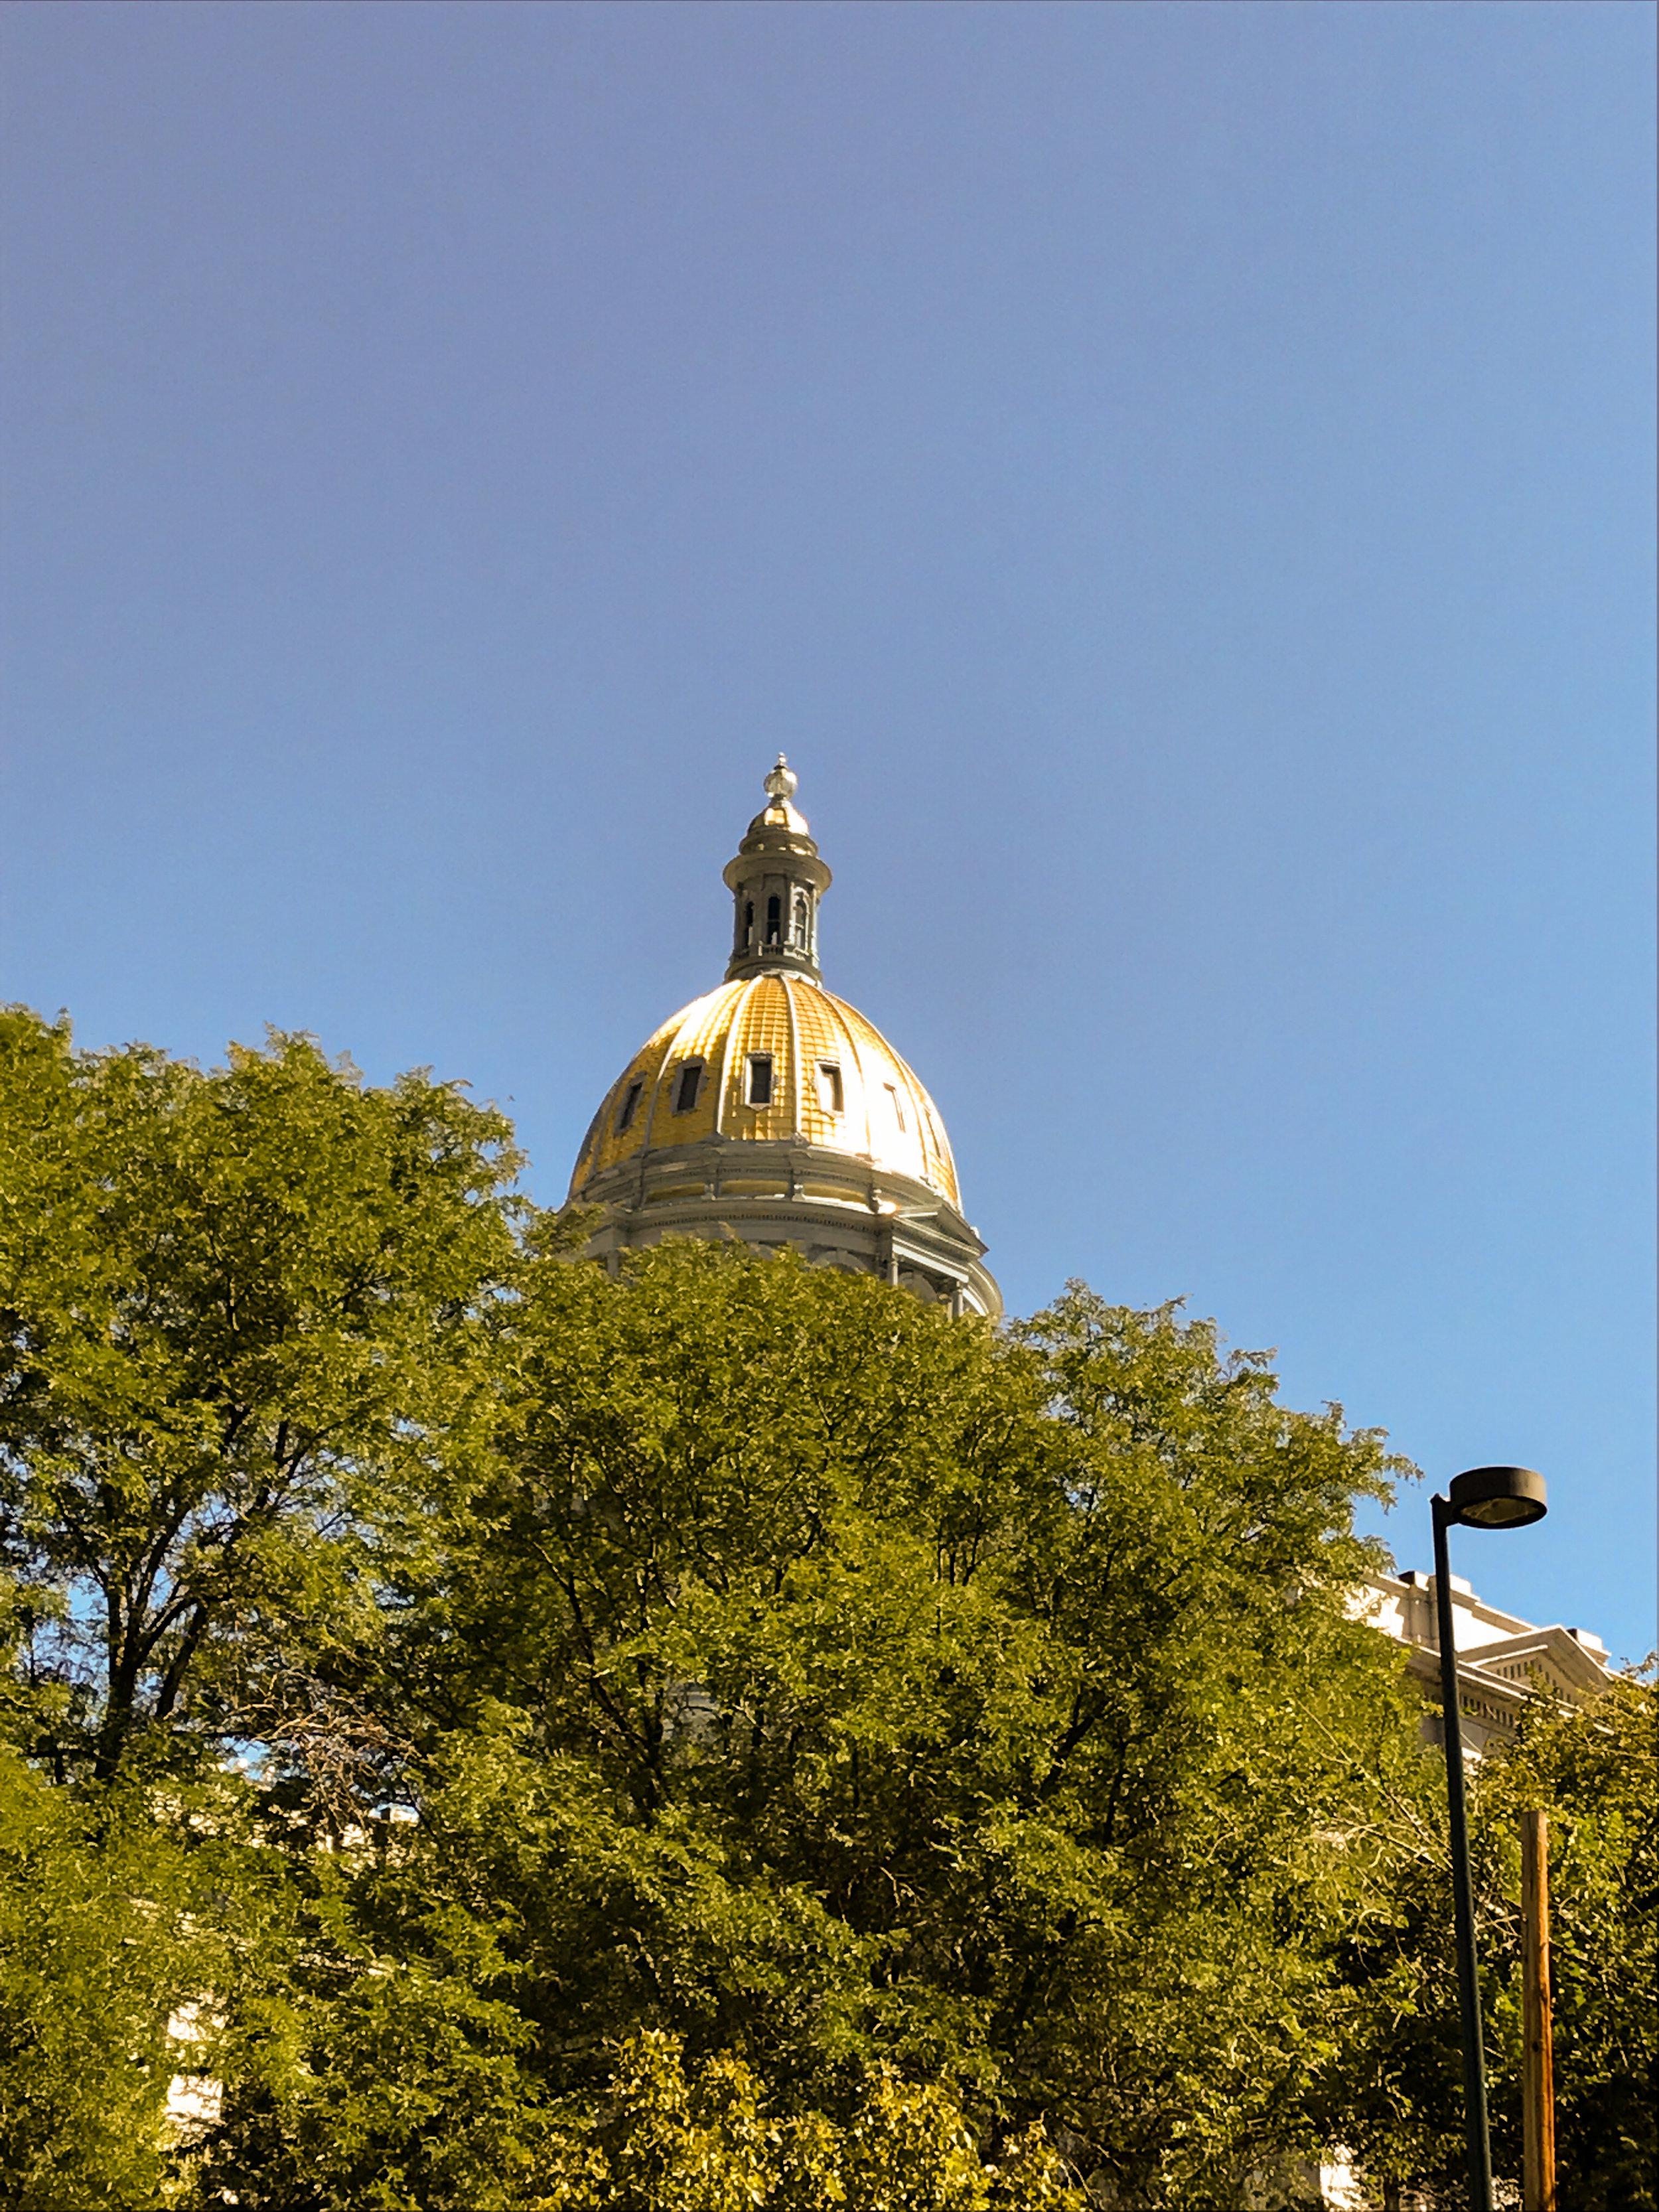 170825. Denver (11).jpg